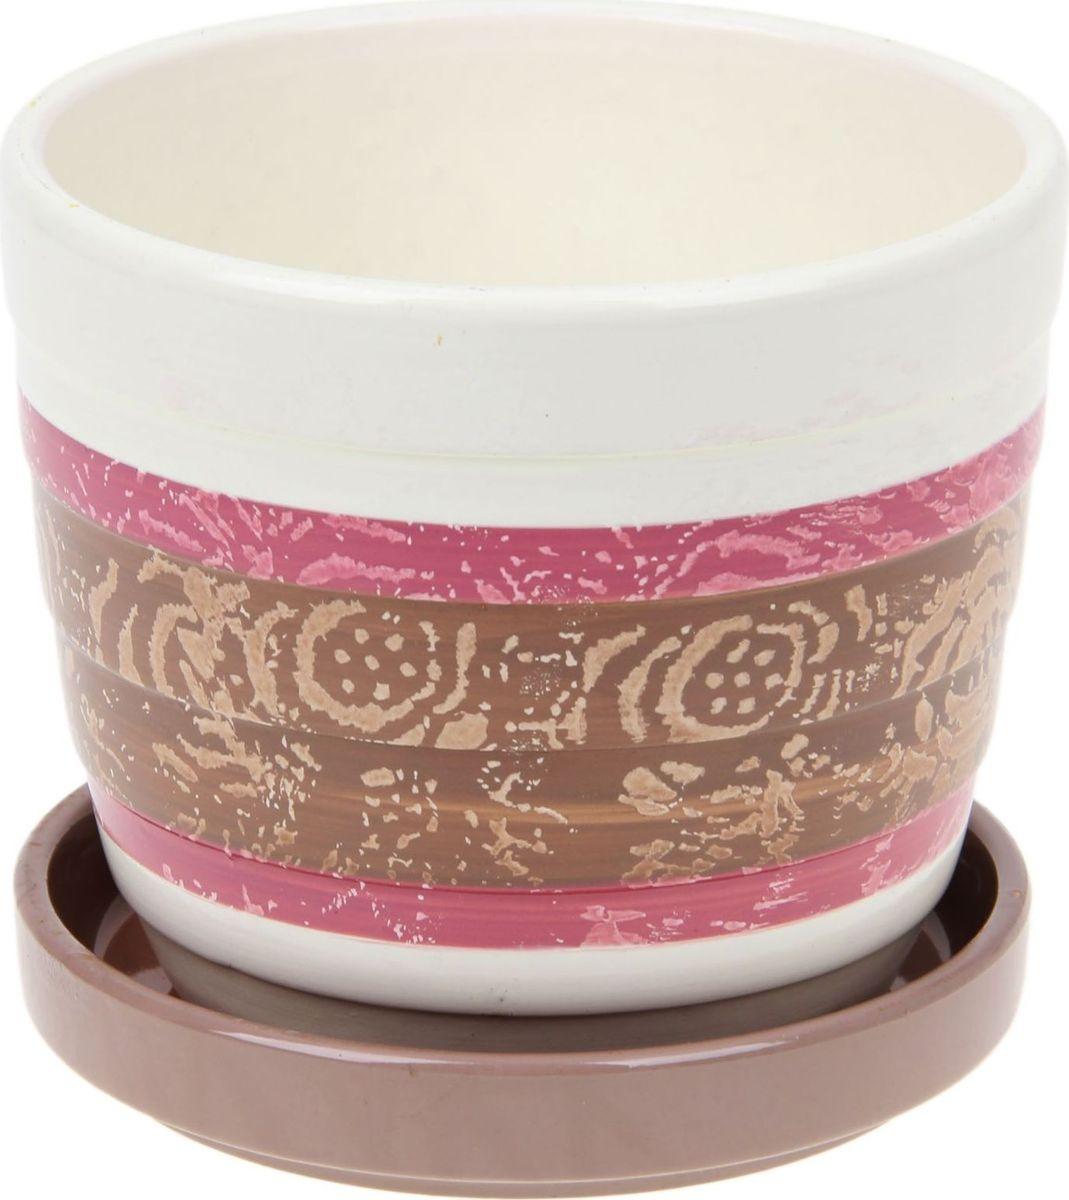 Кашпо Розы, цвет: розовый, 0,72 л1056020Комнатные растения — всеобщие любимцы. Они радуют глаз, насыщают помещение кислородом и украшают пространство. Каждому из них необходим свой удобный и красивый дом. Кашпо из керамики прекрасно подходят для высадки растений: за счёт пластичности глины и разных способов обработки существует великое множество форм и дизайновпористый материал позволяет испаряться лишней влагевоздух, необходимый для дыхания корней, проникает сквозь керамические стенки! #name# позаботится о зелёном питомце, освежит интерьер и подчеркнёт его стиль.